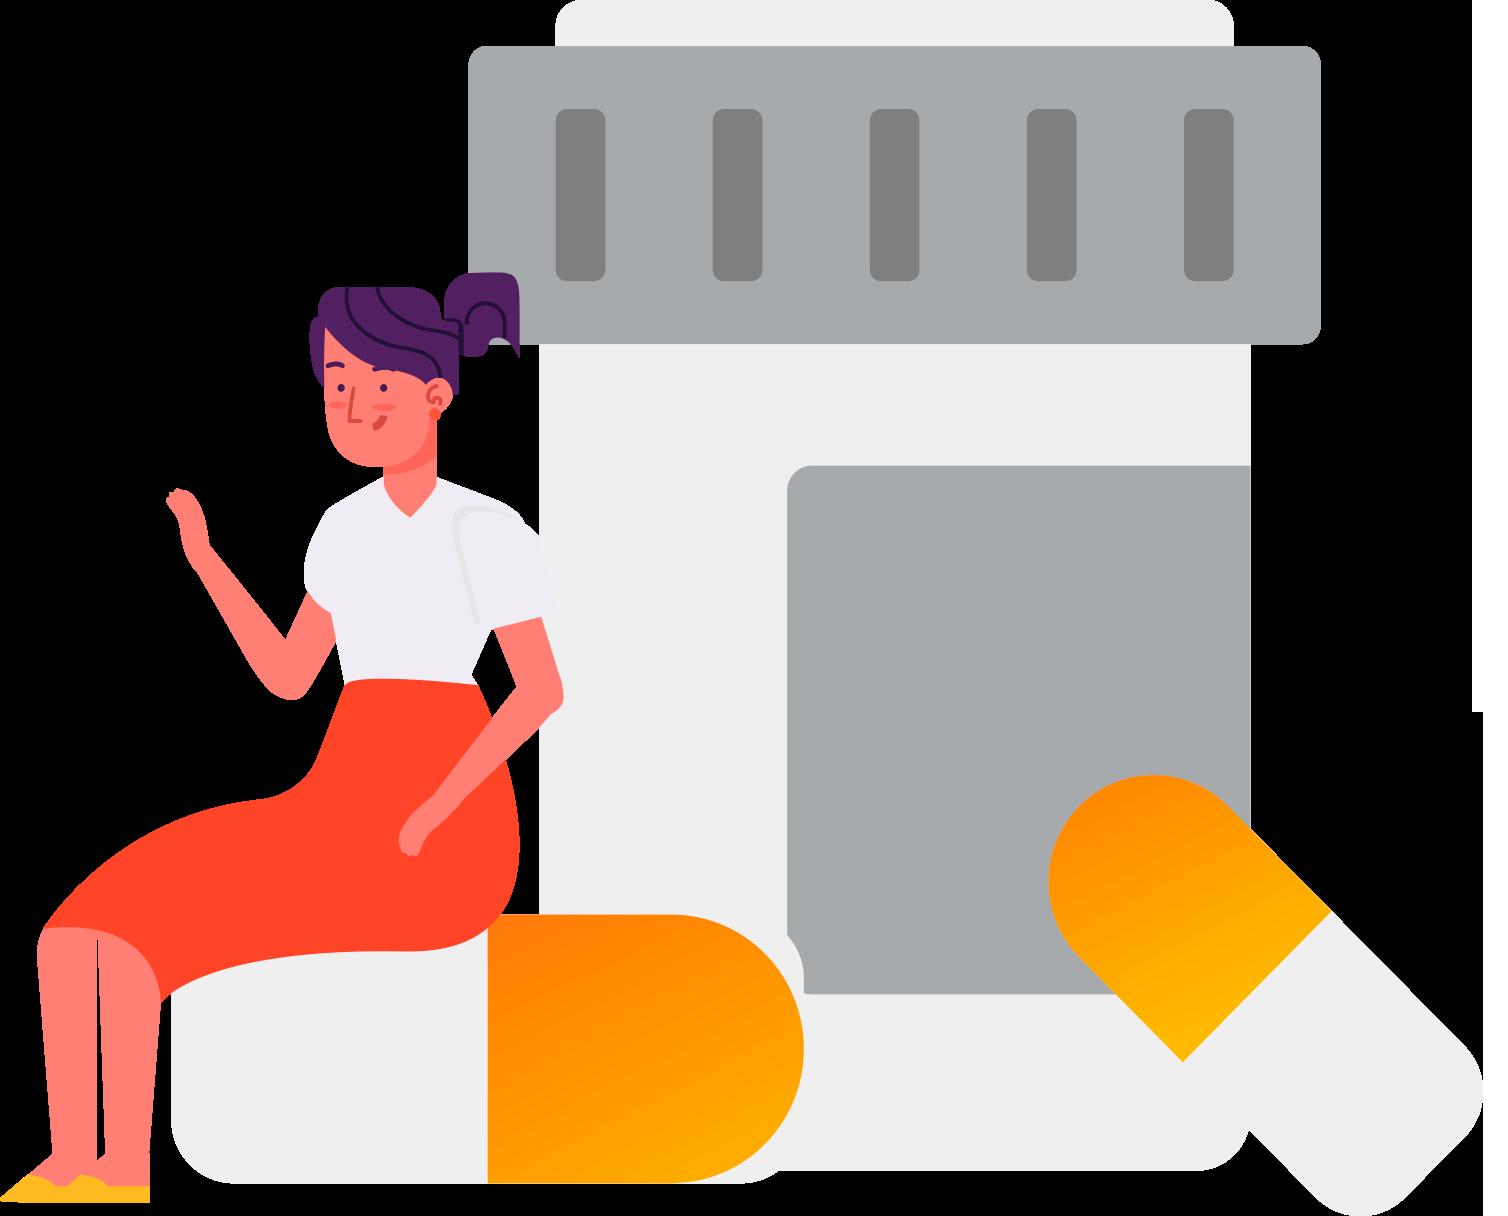 5 funcionalidades essenciais para o sucesso da sua farmácia